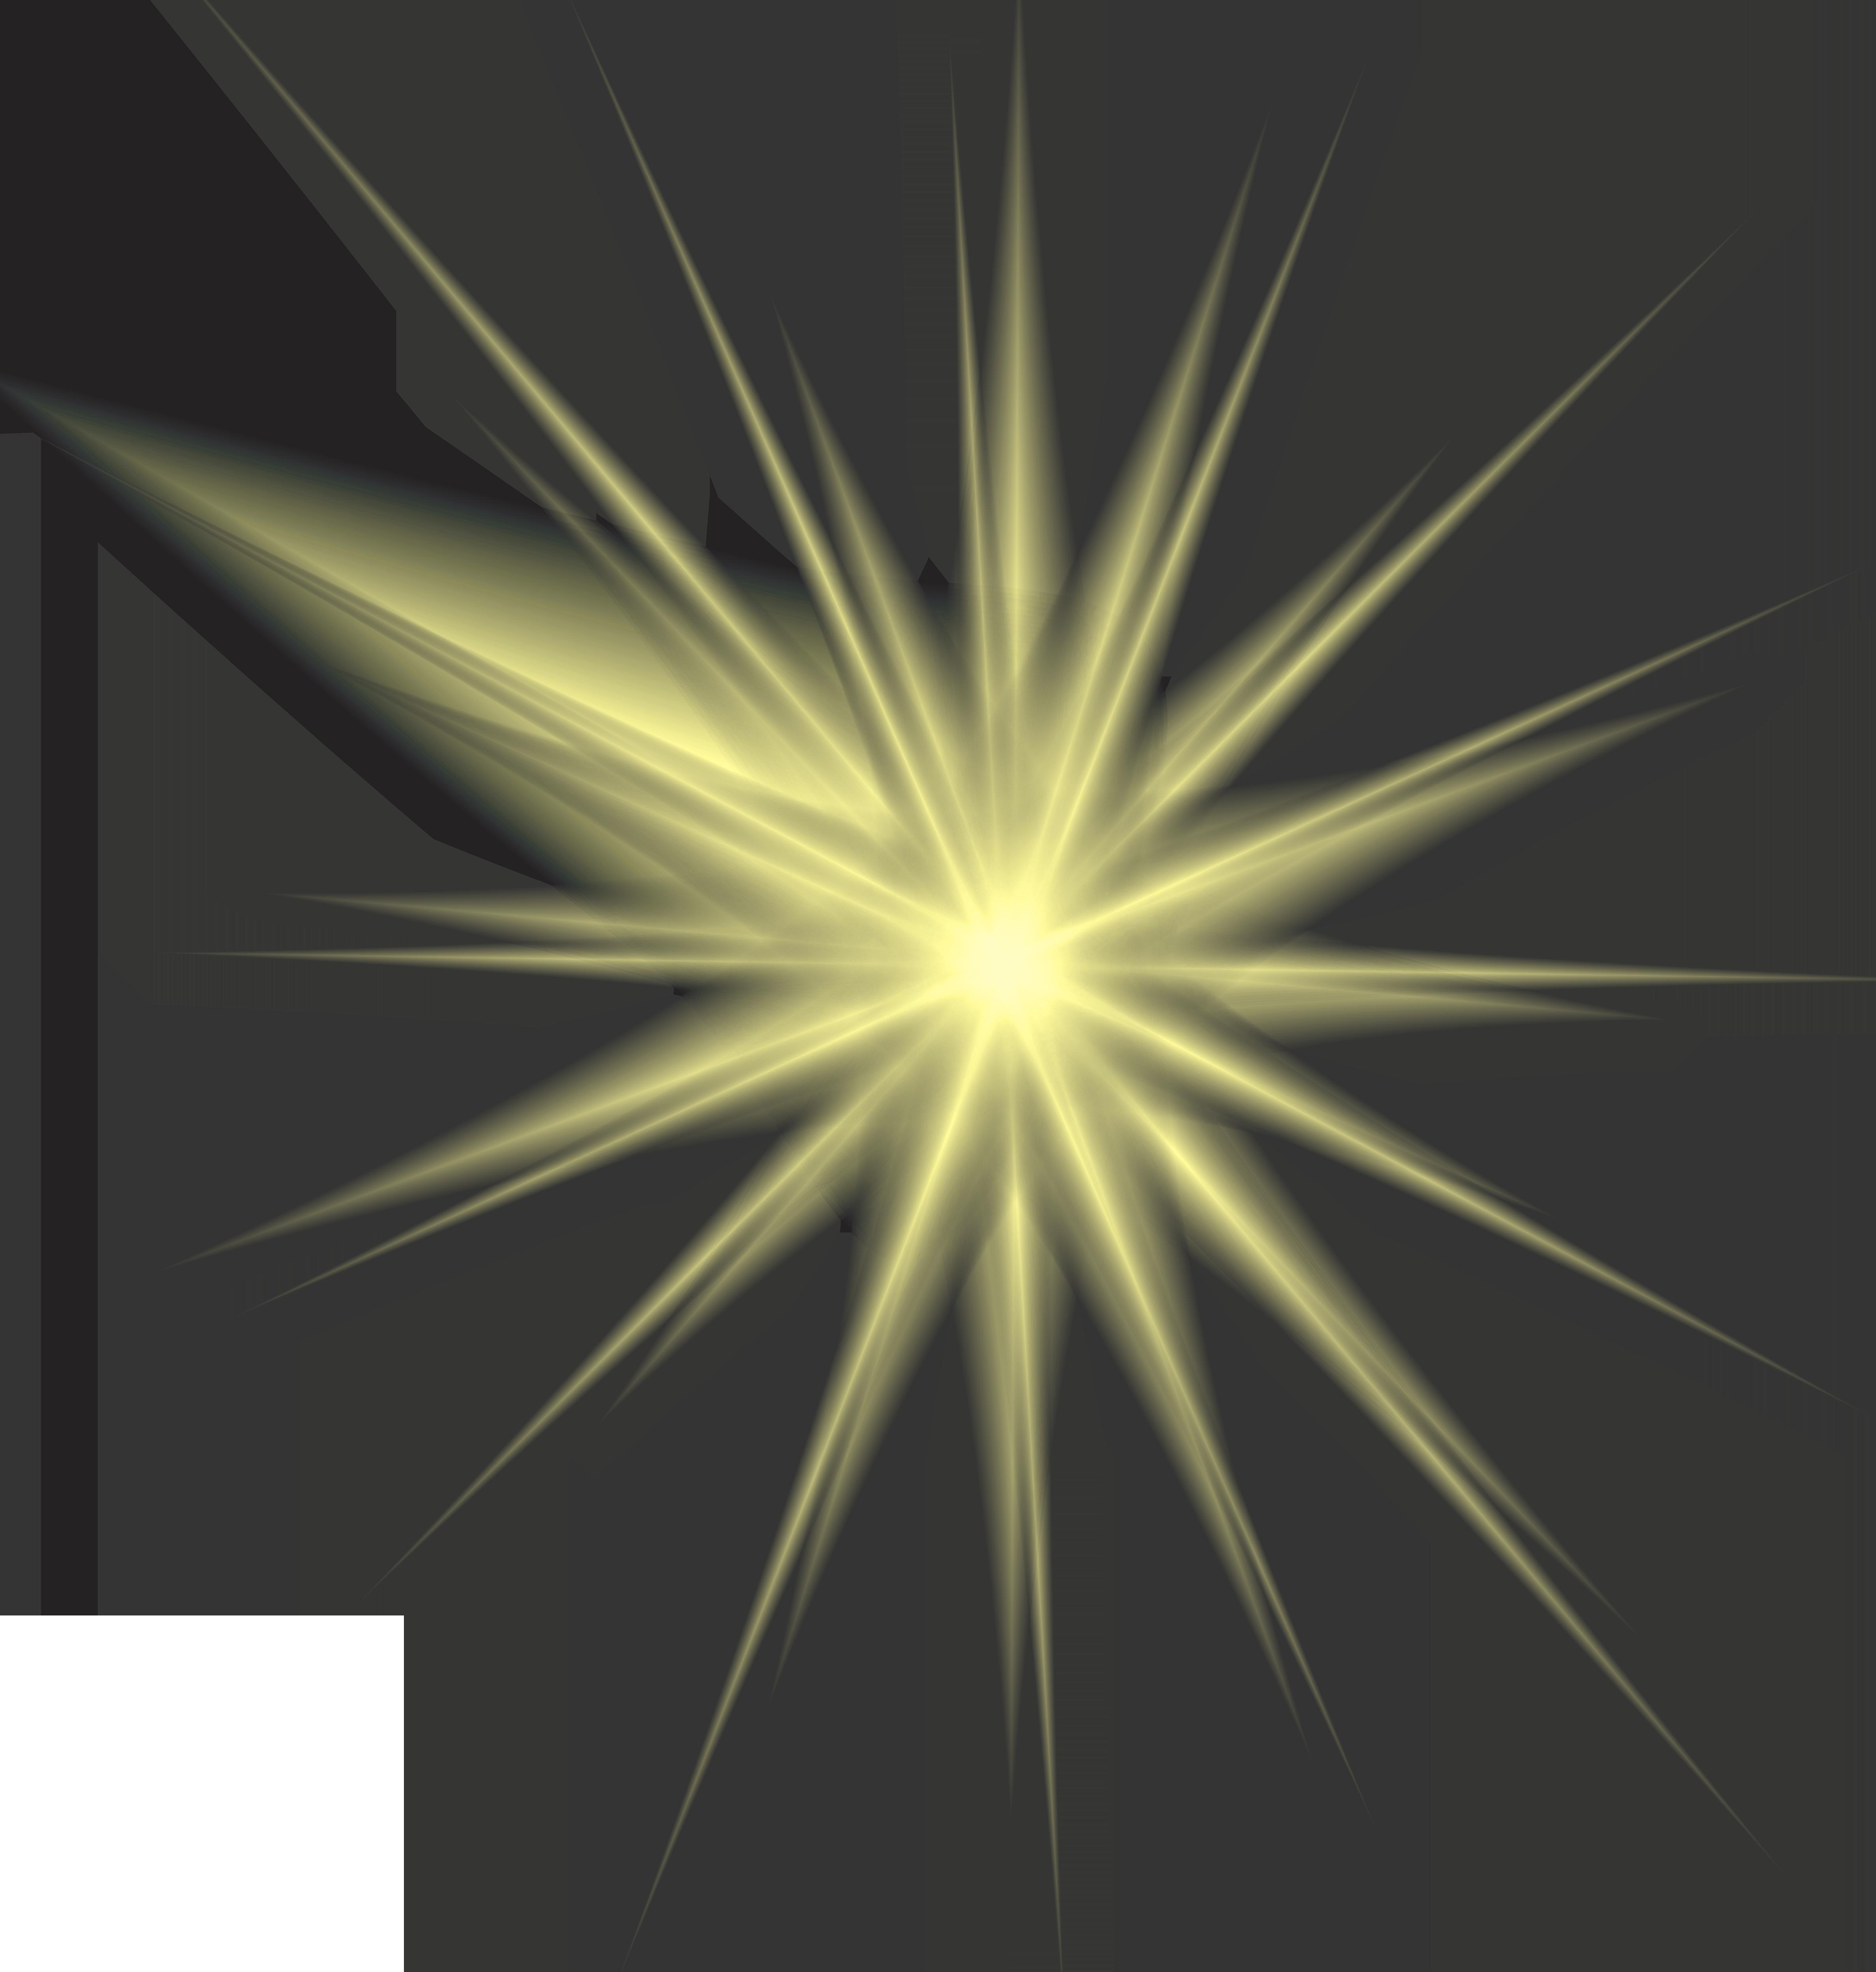 Light effect clipart clip transparent download Light Effect Transparent Clip Art PNG Image | Gallery Yopriceville ... clip transparent download